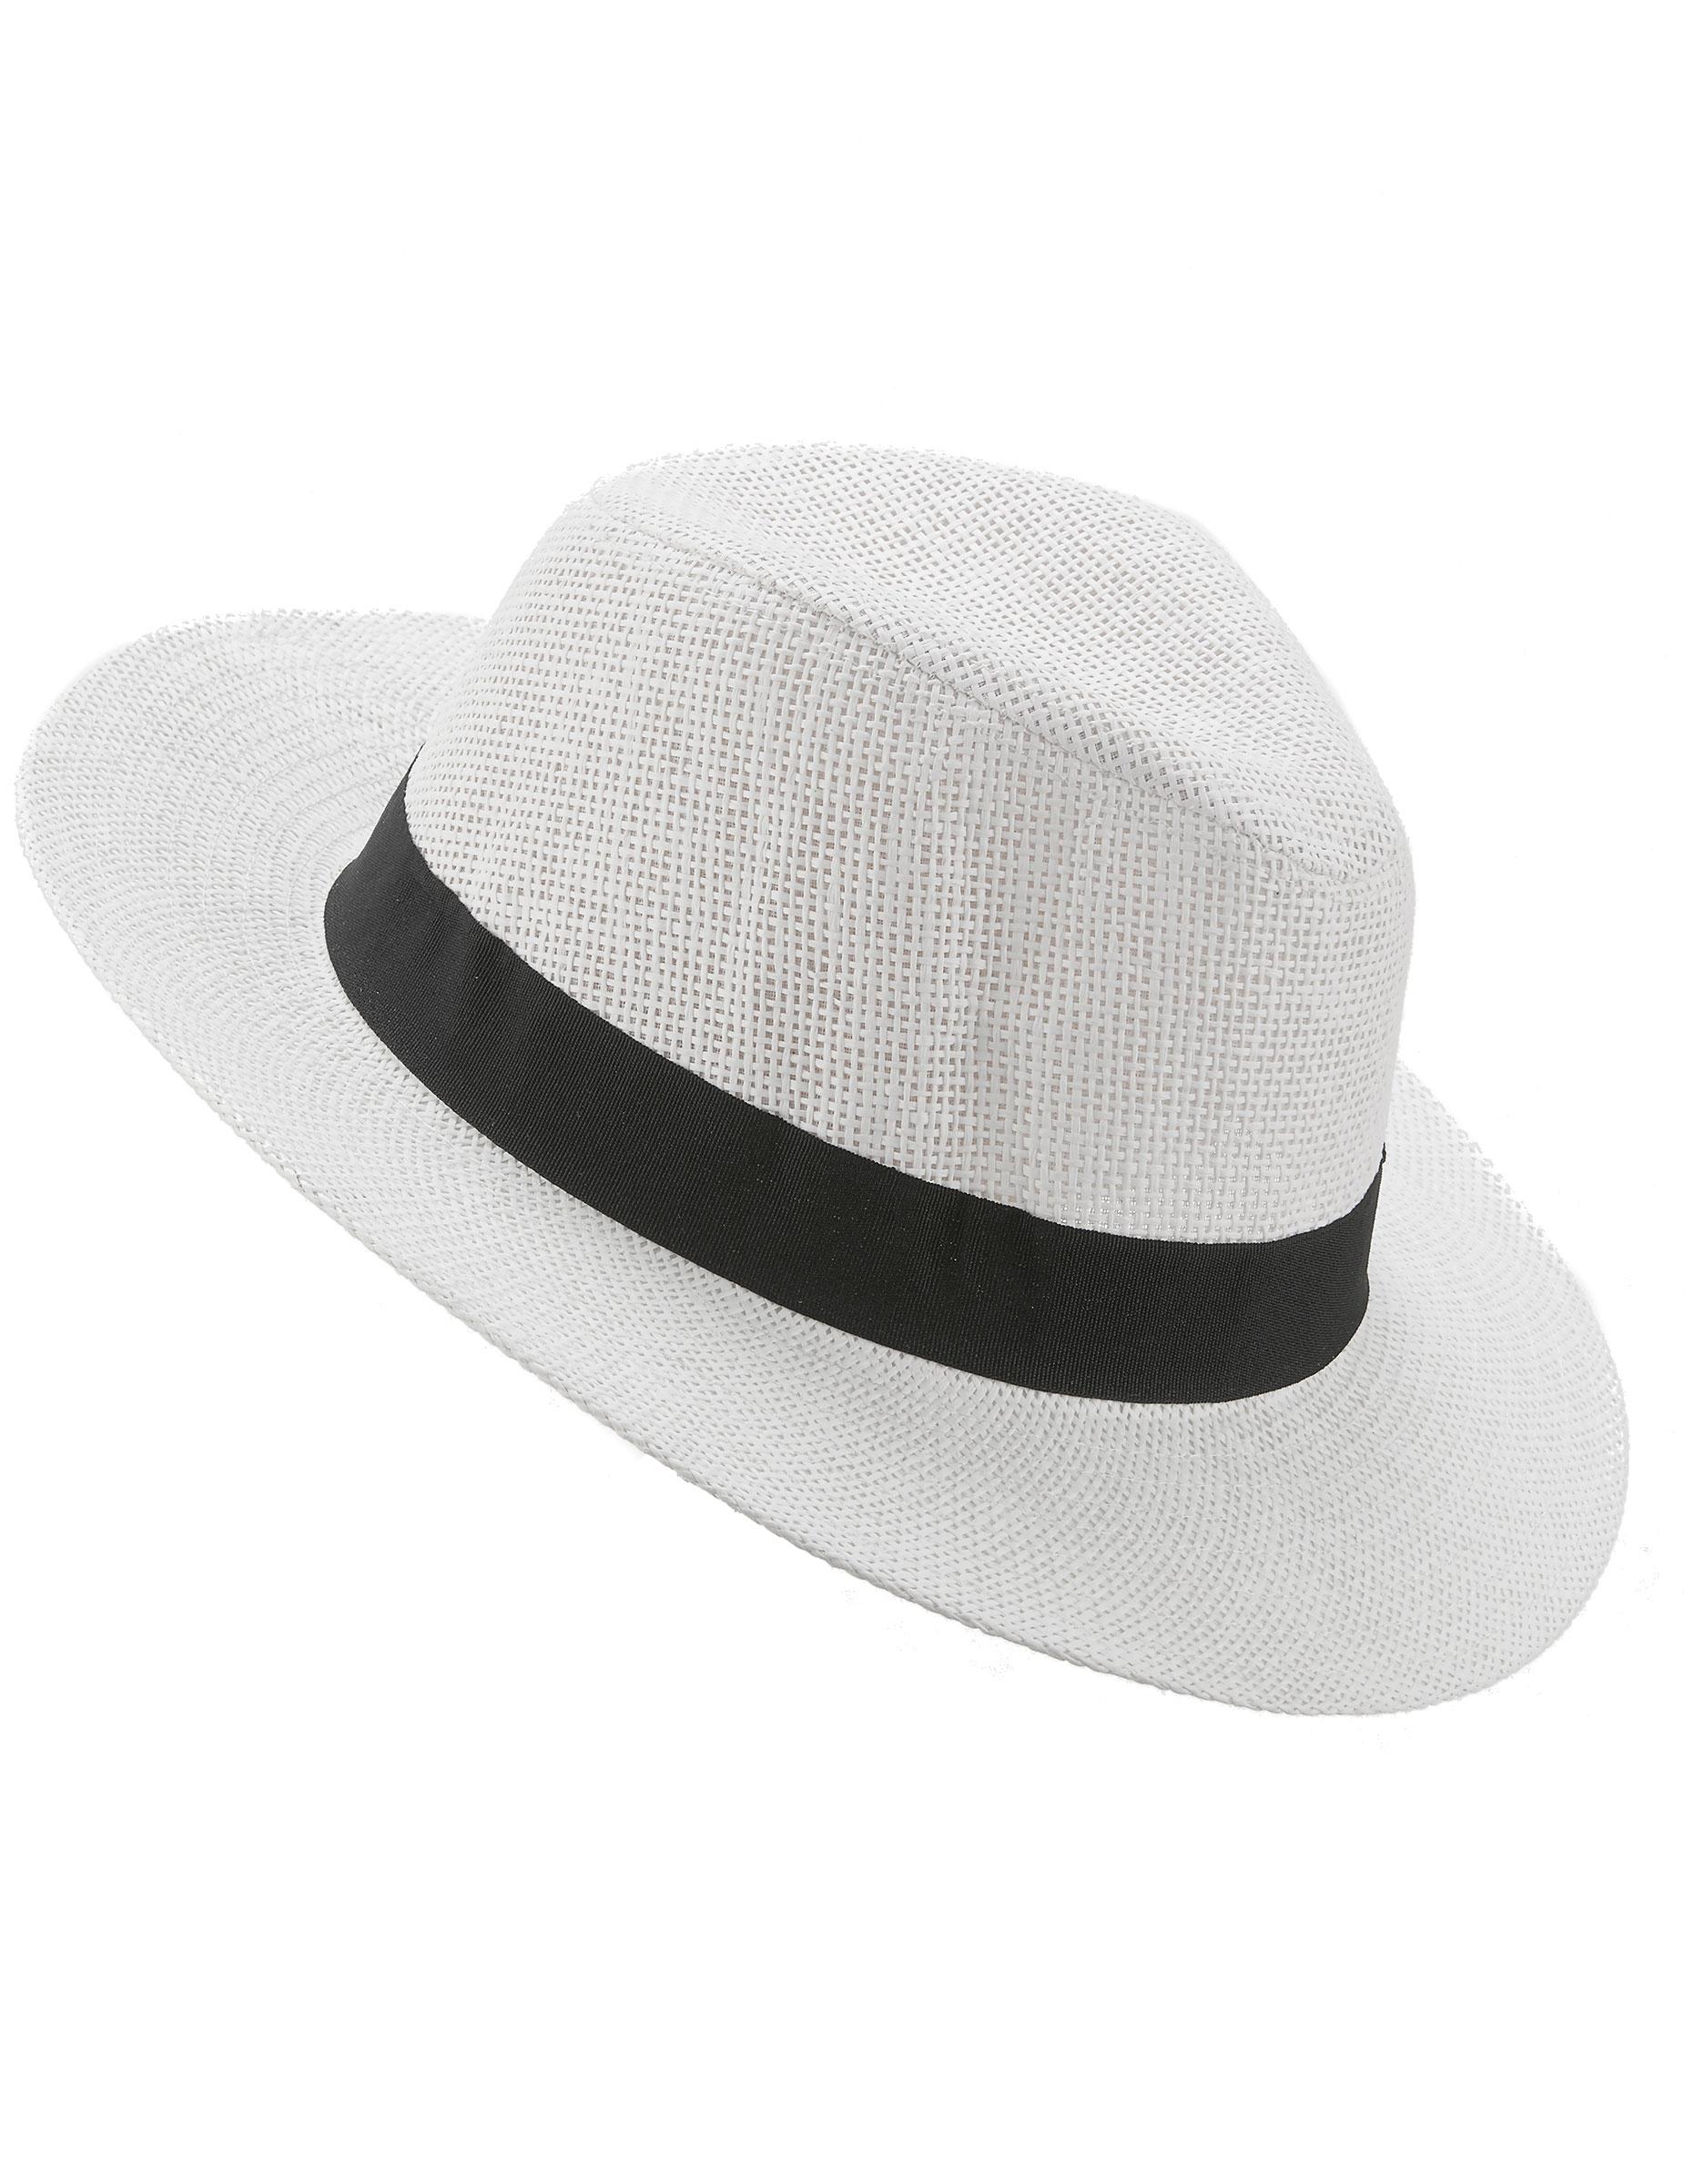 9990b030fac6d Sombrero Panamá con cinta negra adulto  Sombreros